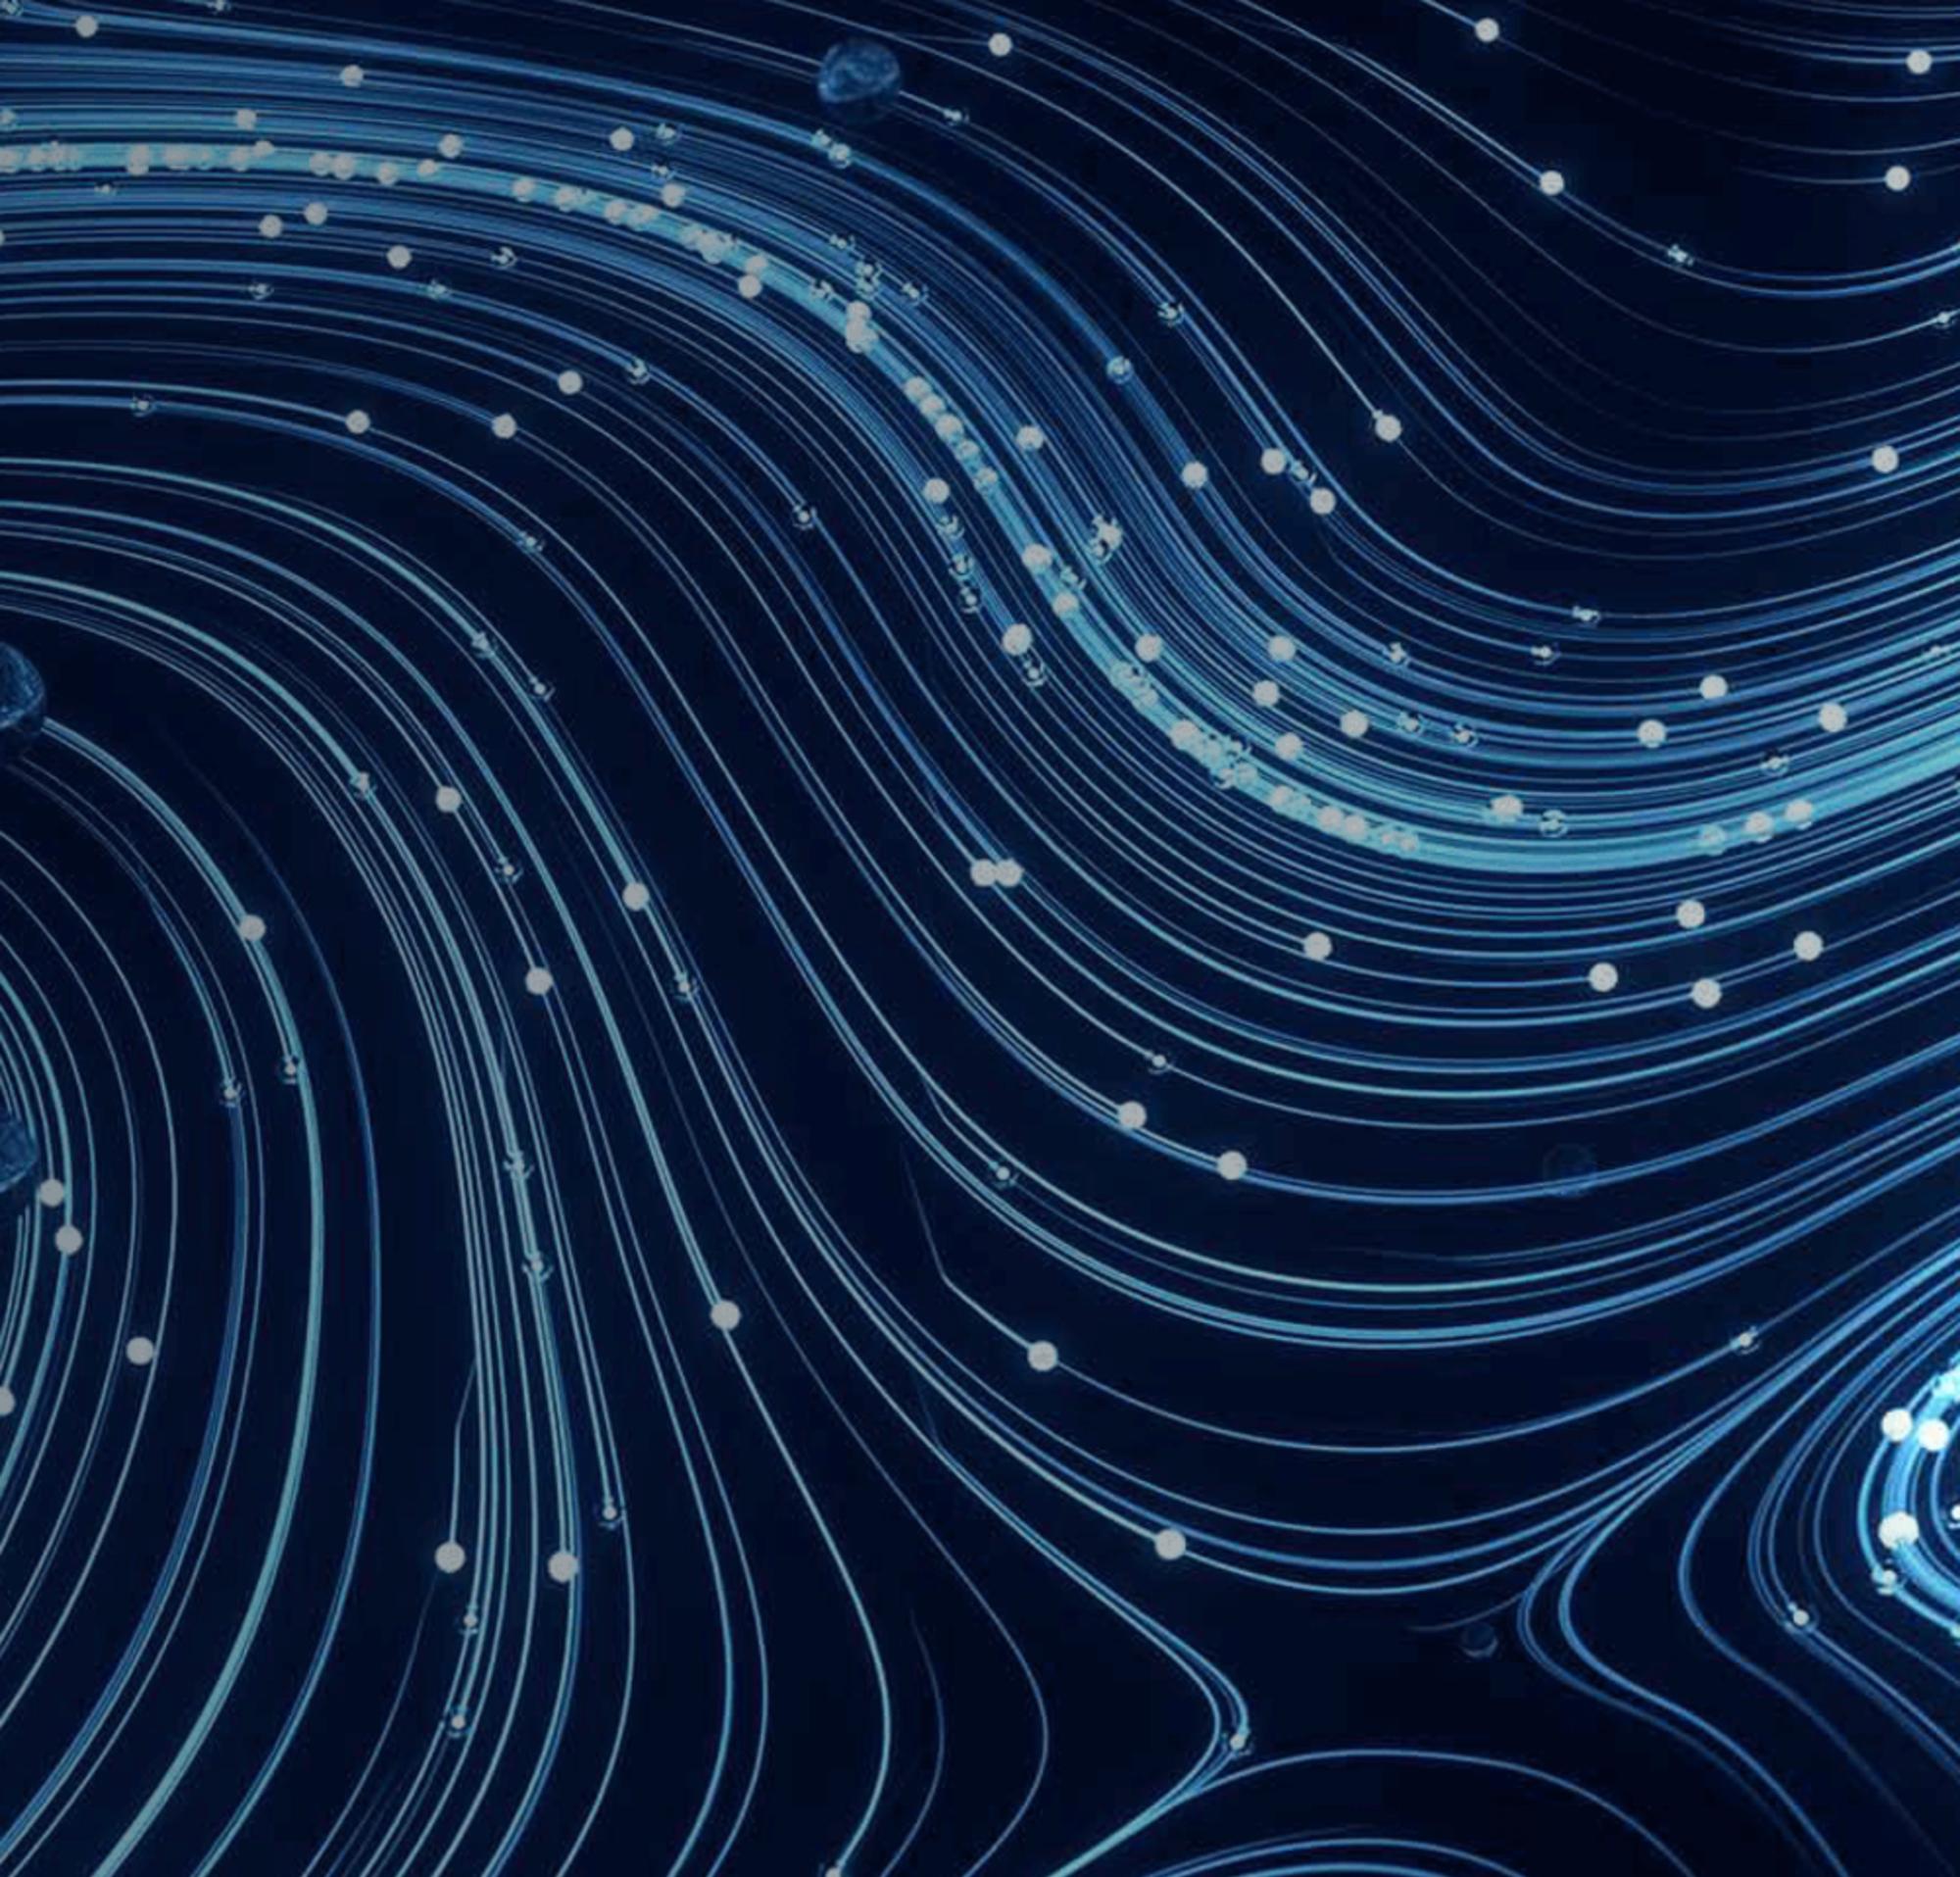 Uma imagem abstrata de um fluxo de linhas representando a segurança da empresa.